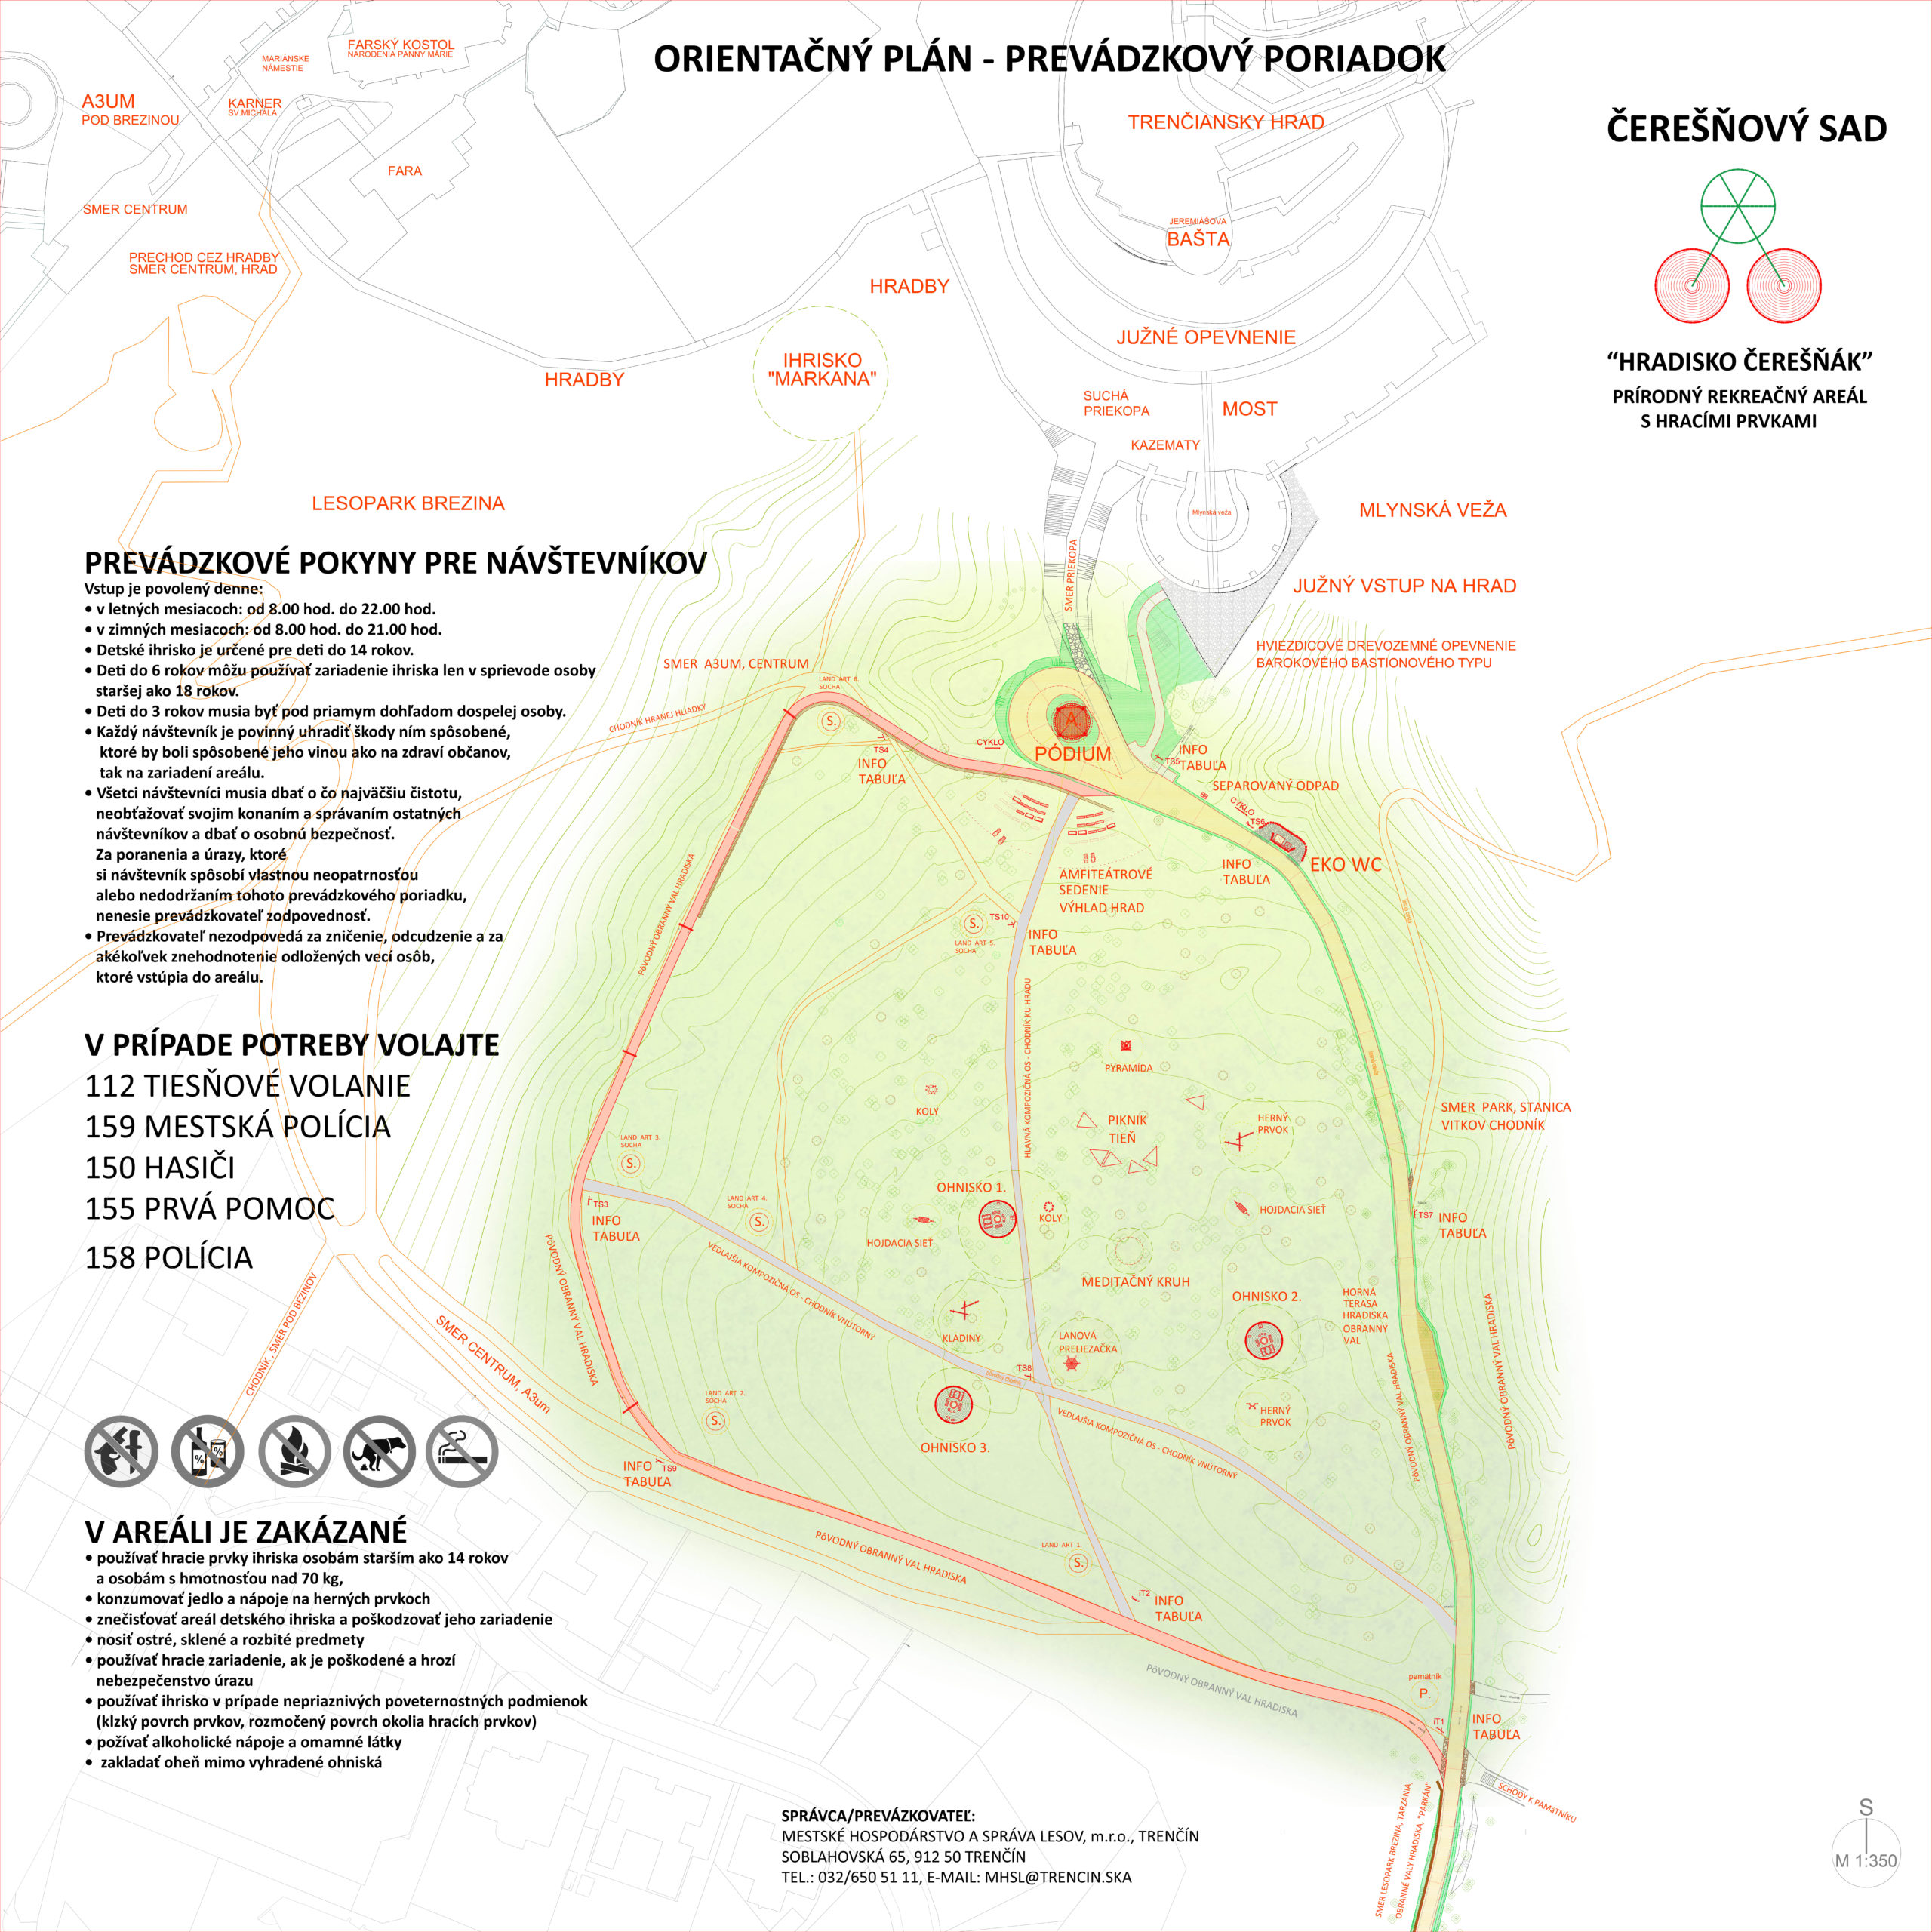 Mapa Čerešňového sadu